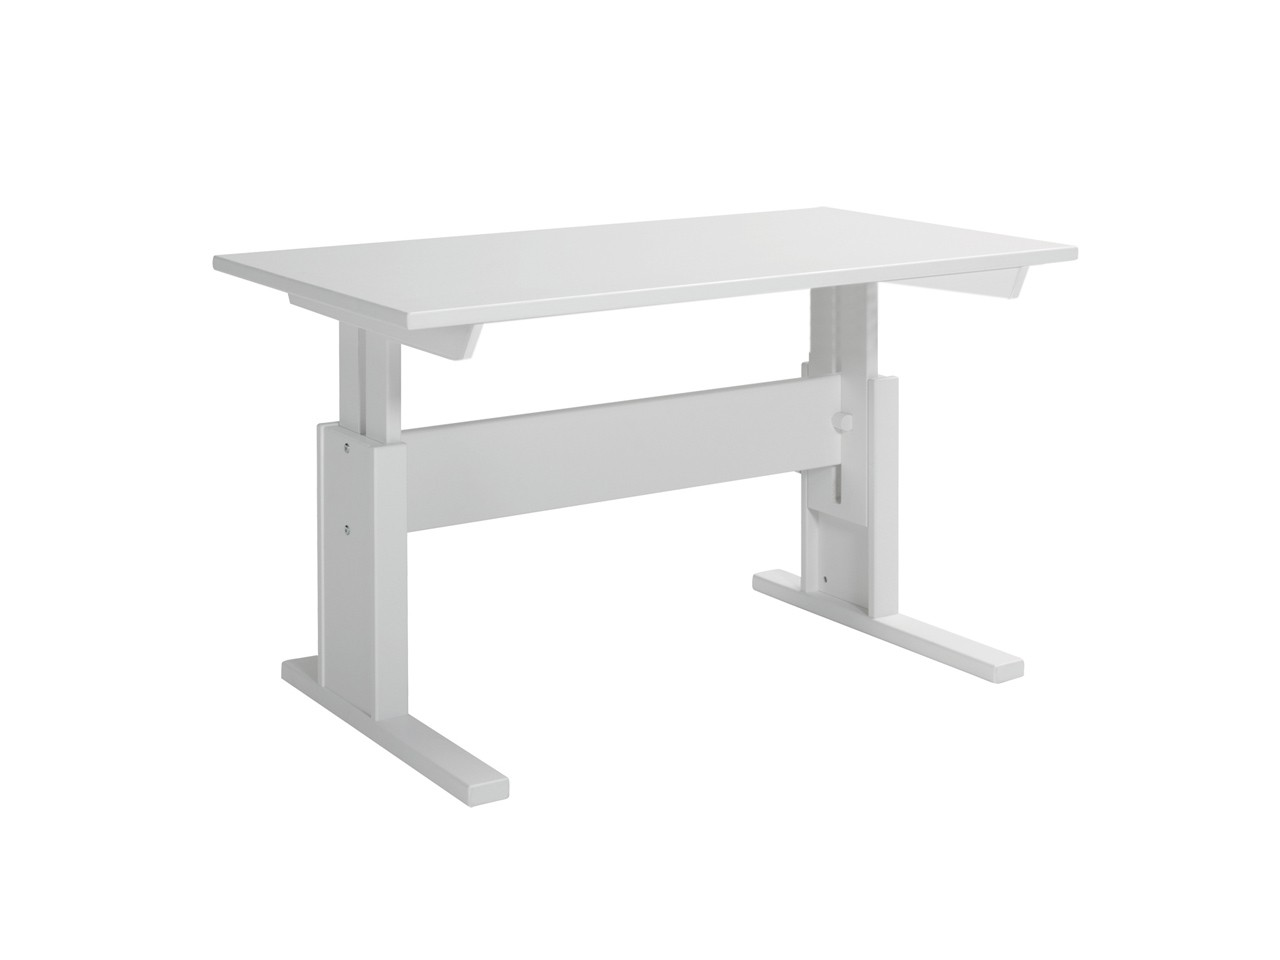 Lifetime Schreibtisch höhenverstellbar 30255-10 Weiß lackiert